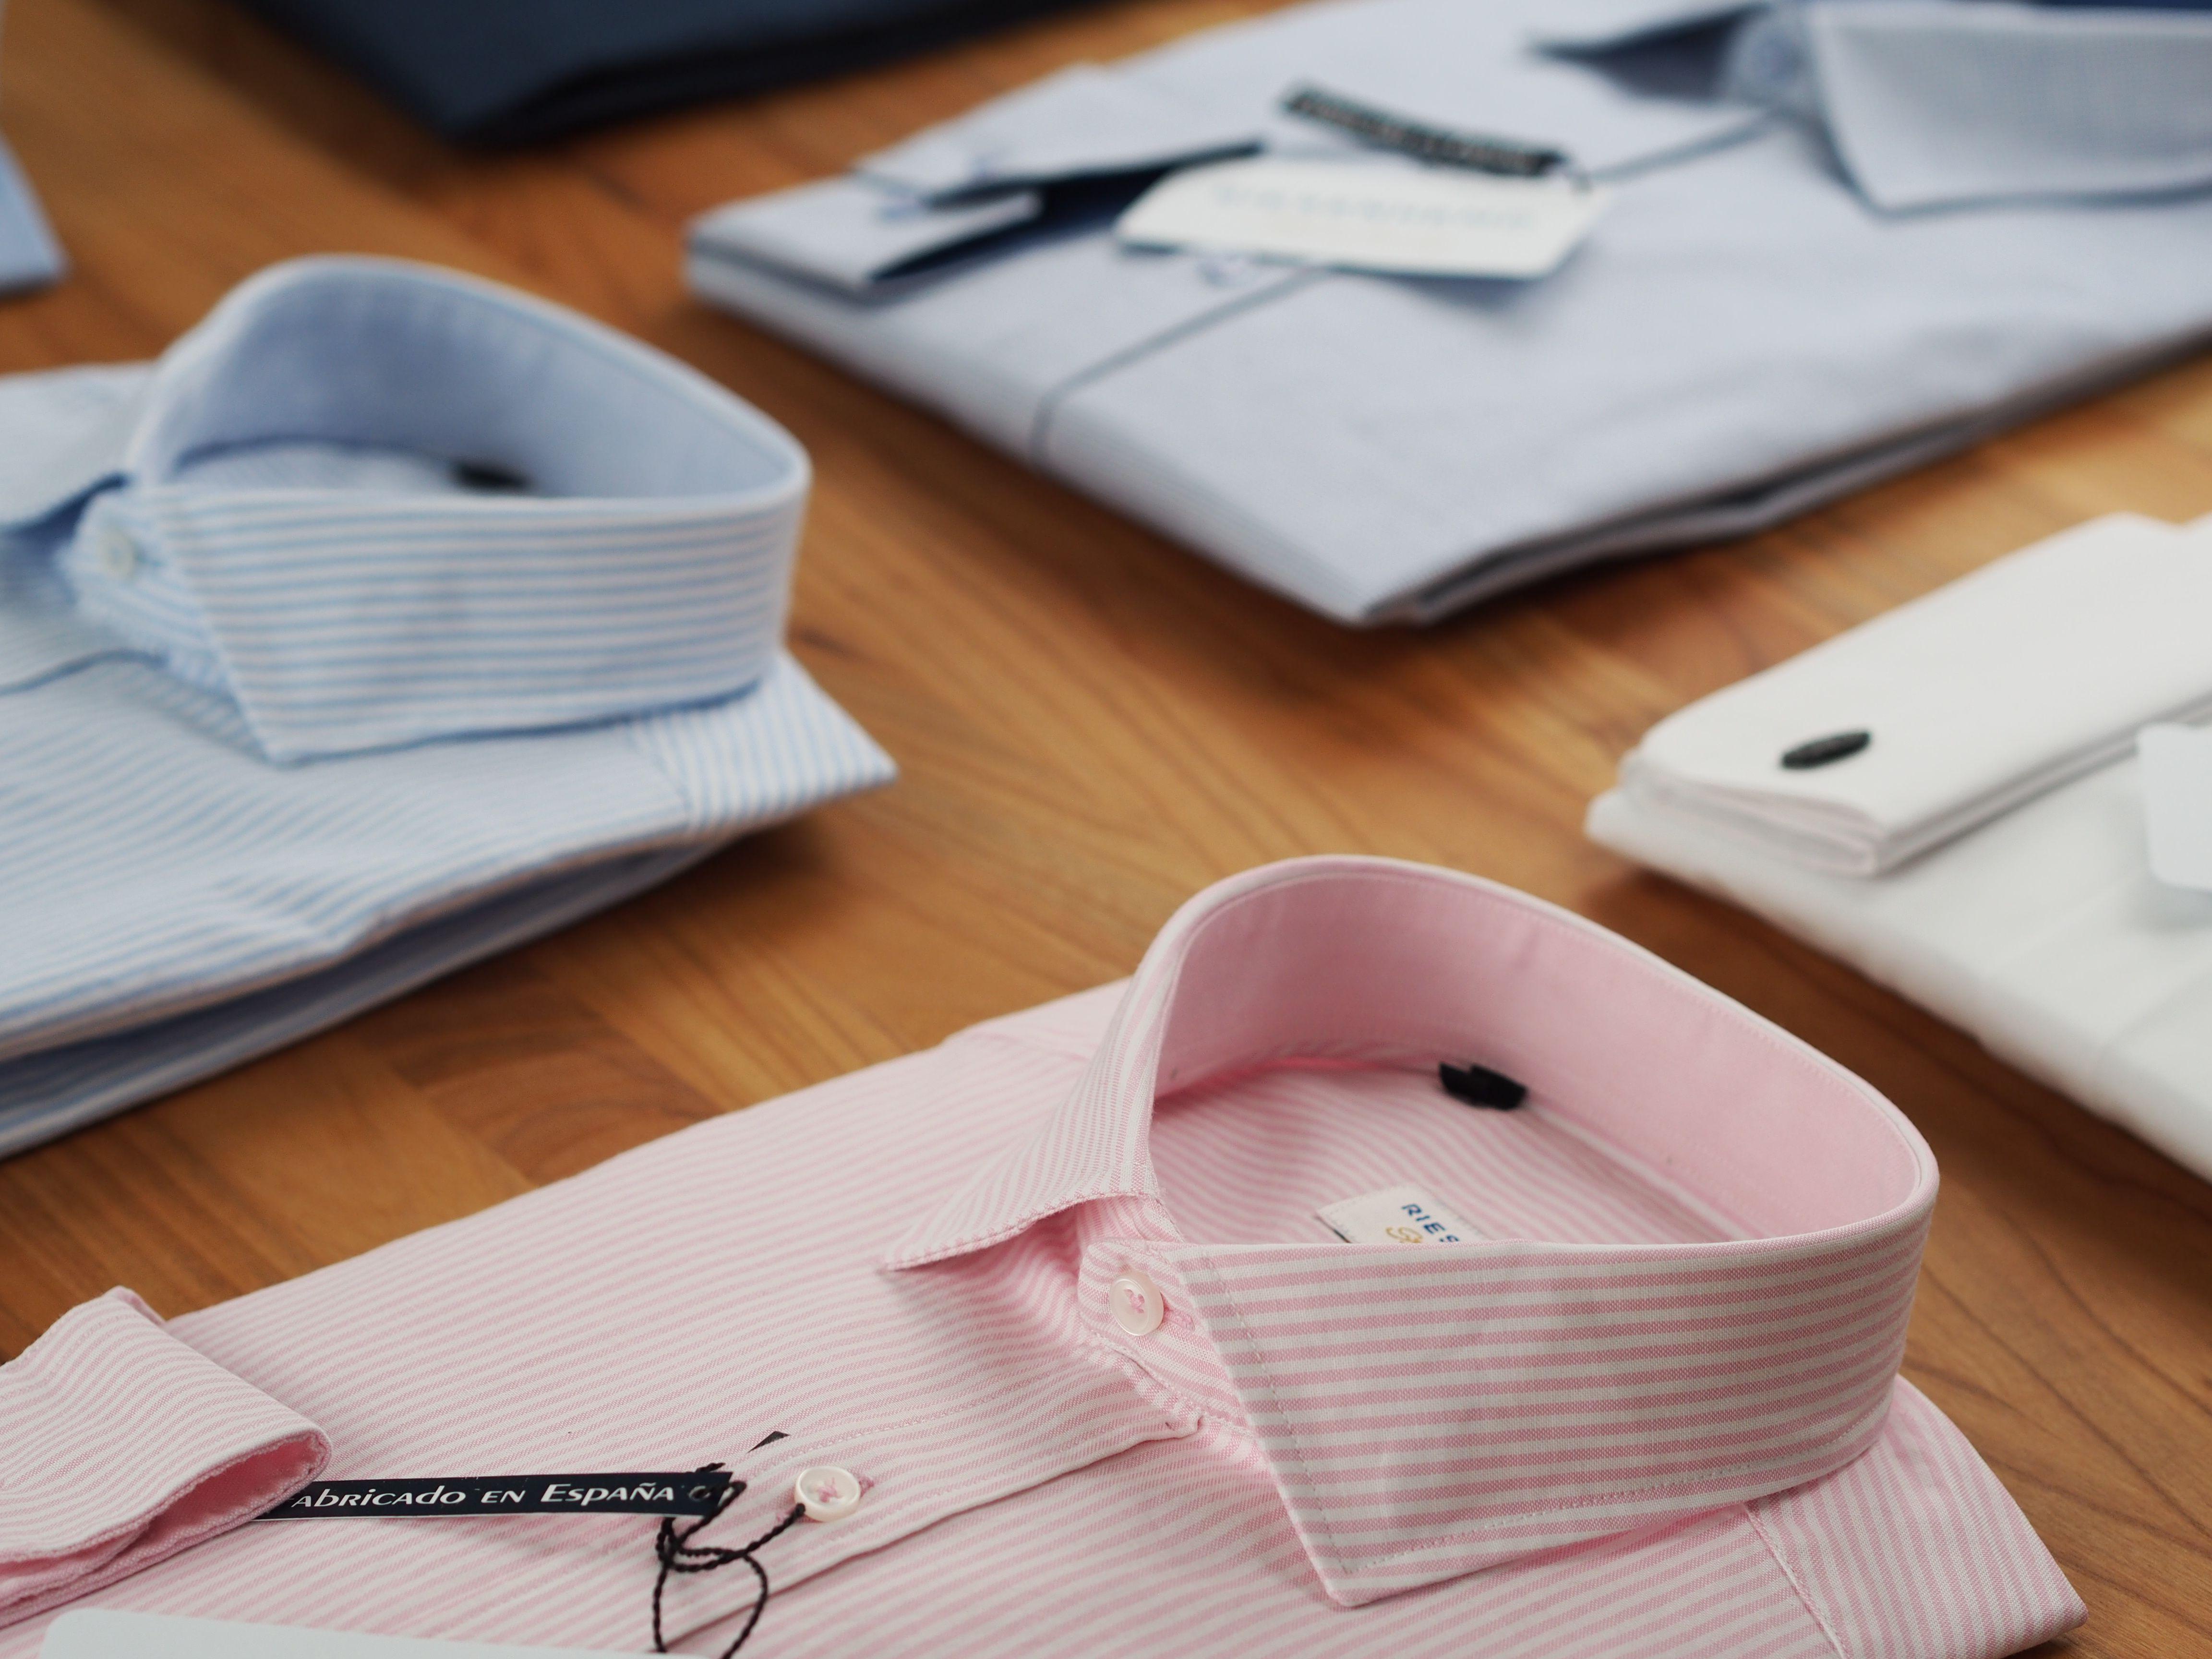 Riesenhemd Hamburg öffnet seinen Online-Shop. Herren Hemden mit extra langem Arm für Männer über 1,90 Meter